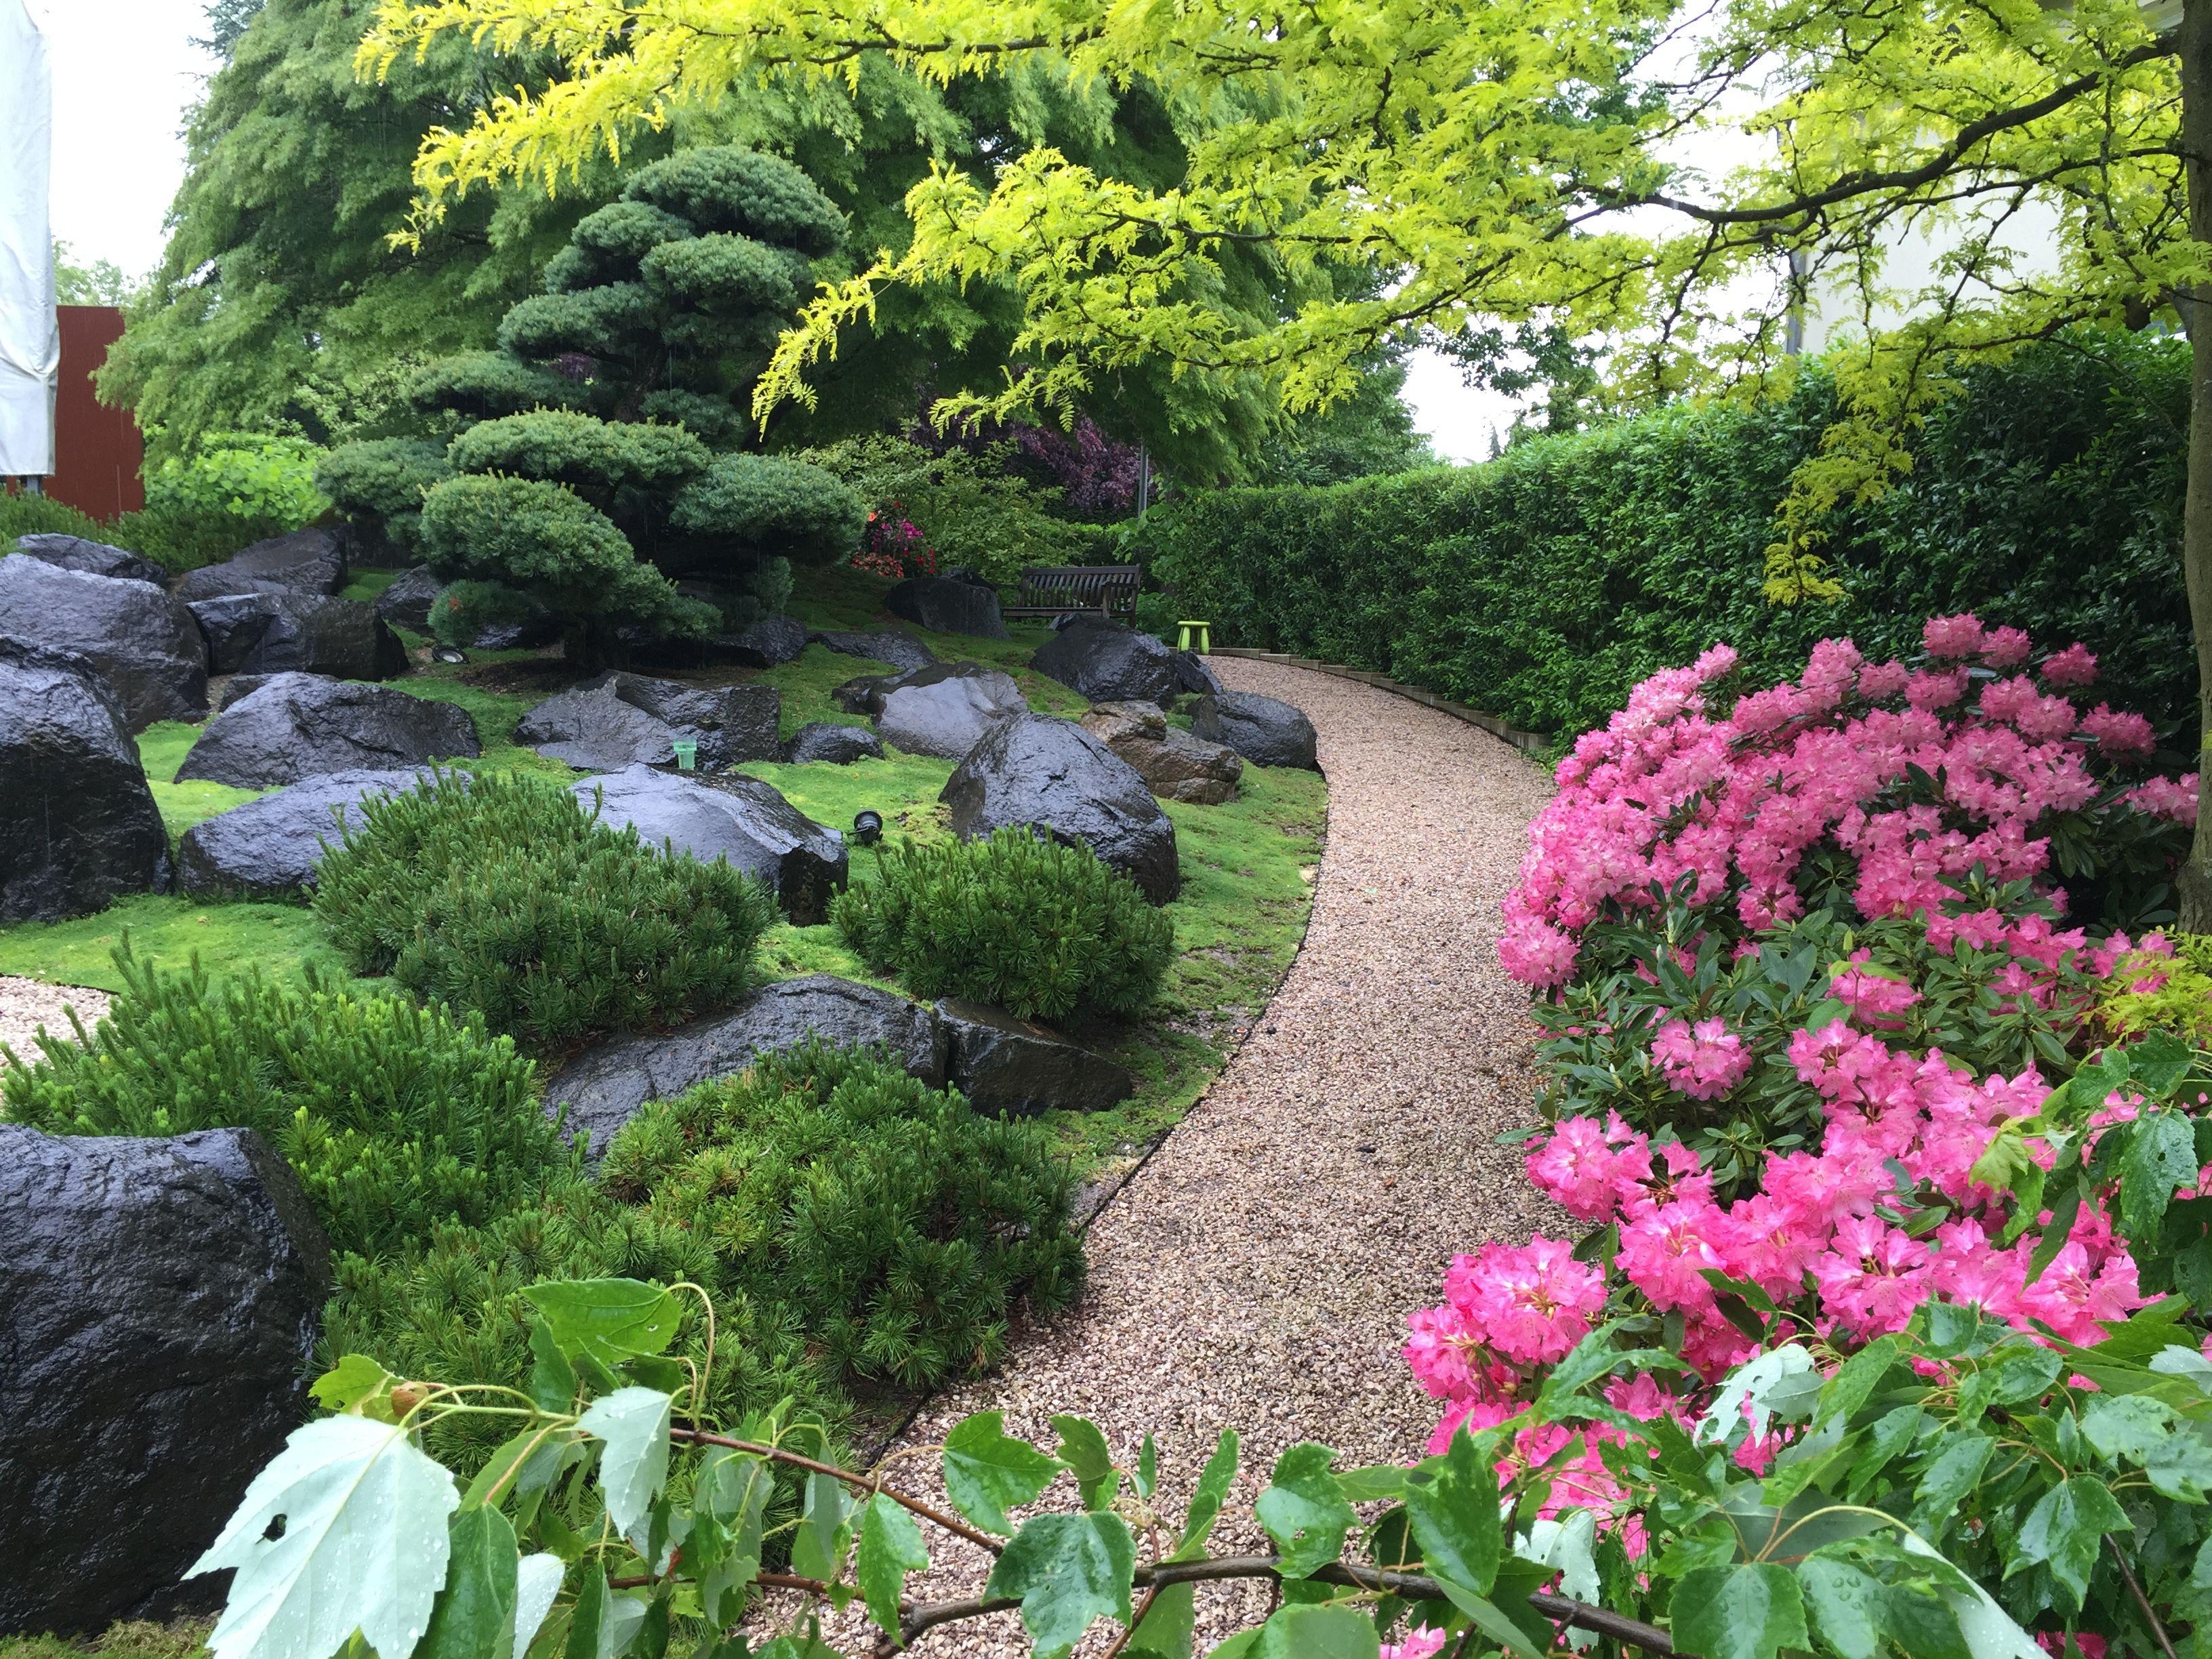 Asiatischer Garten Pflanzen Nutzlinge Im Garten Mein Garten Ratgeber